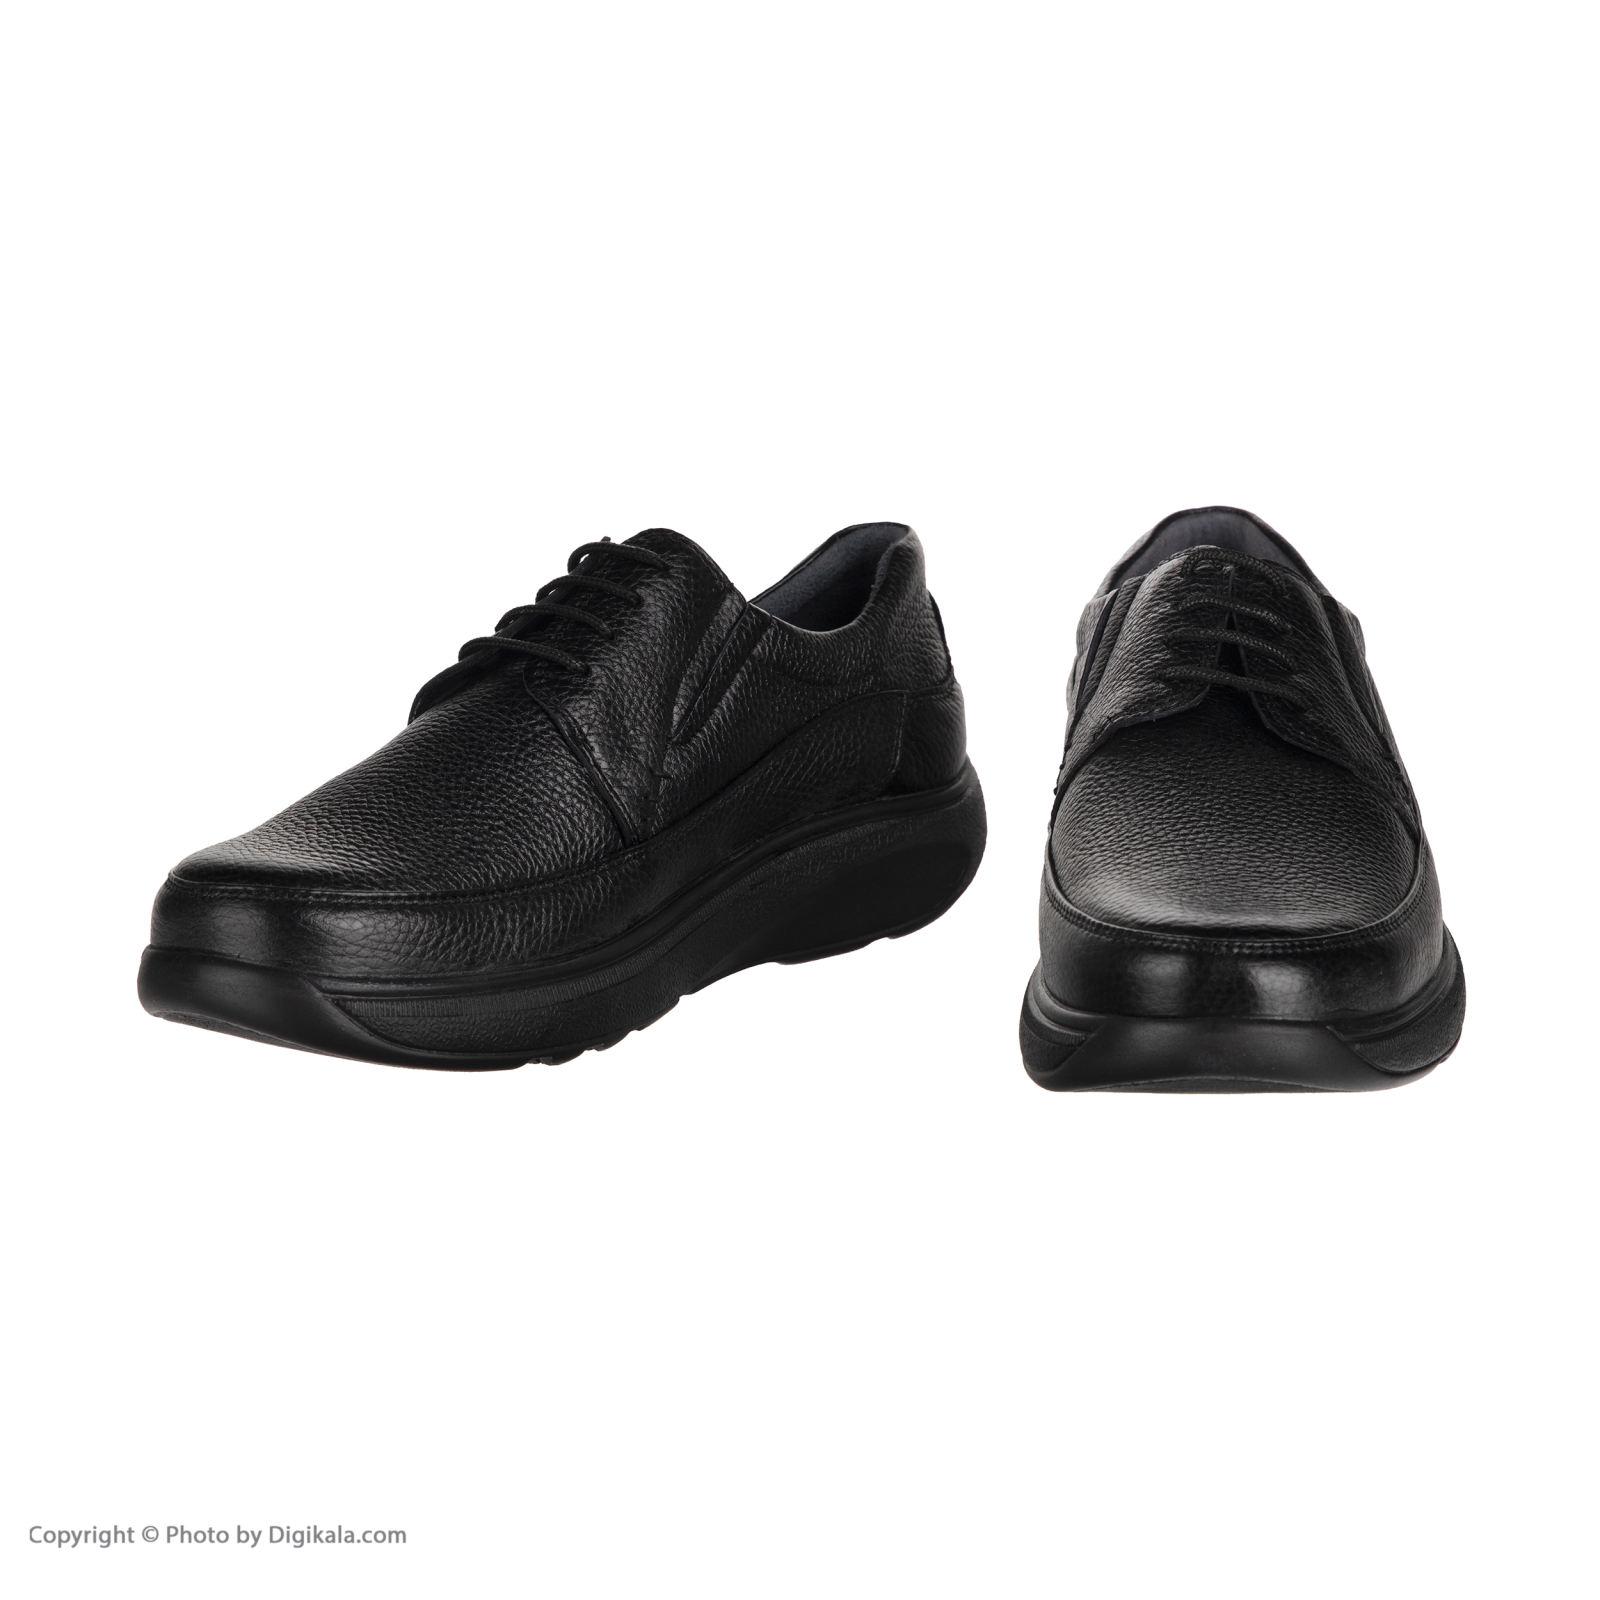 کفش روزمره مردانه سوته مدل 4931B503101 -  - 7